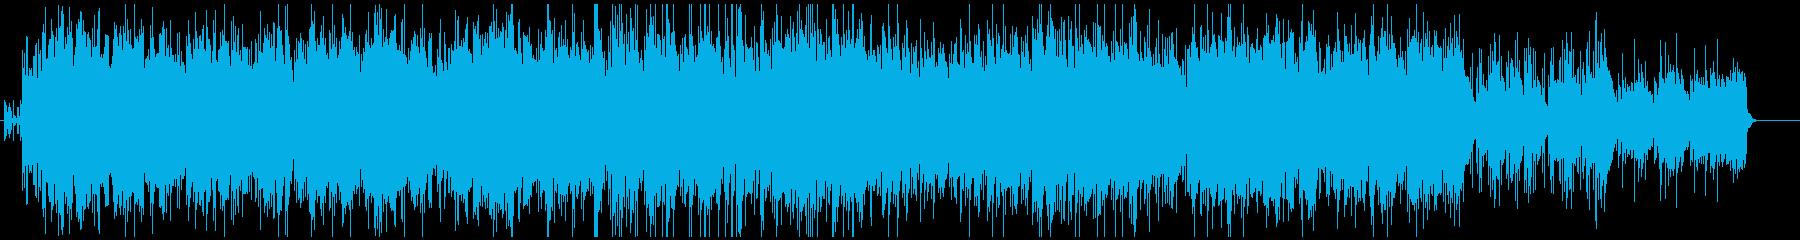 クールで爽やかな、ゲーム向けBGMの再生済みの波形